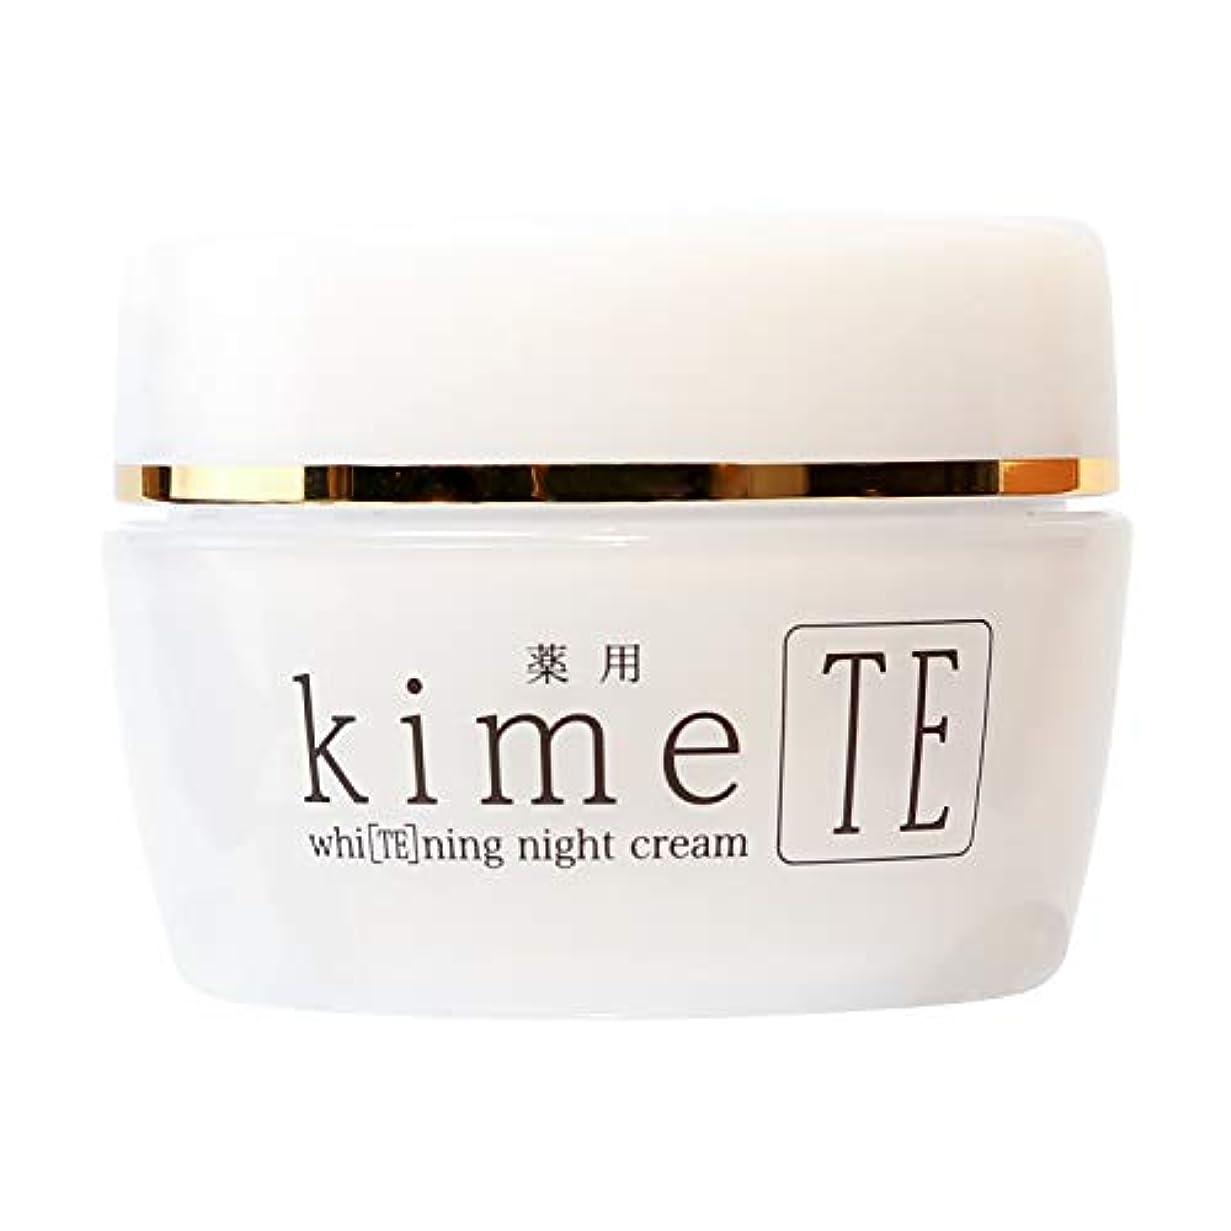 好きであるトースト礼儀【スペシャルアプローチ】kimeTE(キメテ)美白 保湿 無添加 ハンドケア 薬用ホワイトニングクリーム